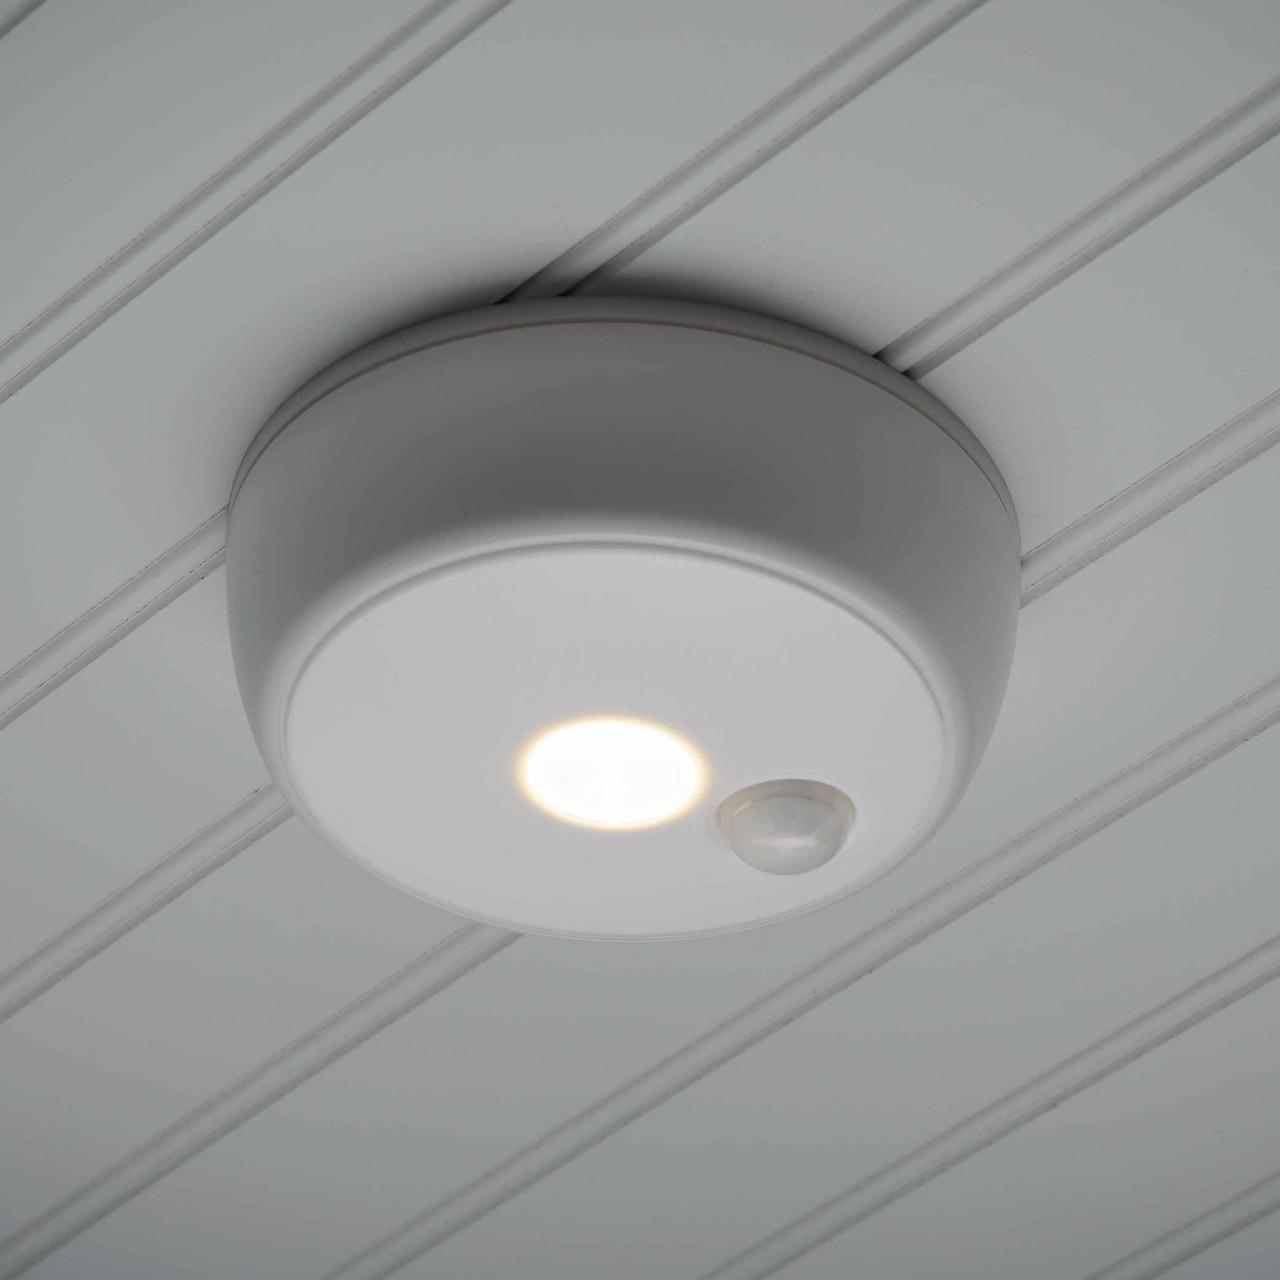 mr beams wireless motion sensor led ceiling light